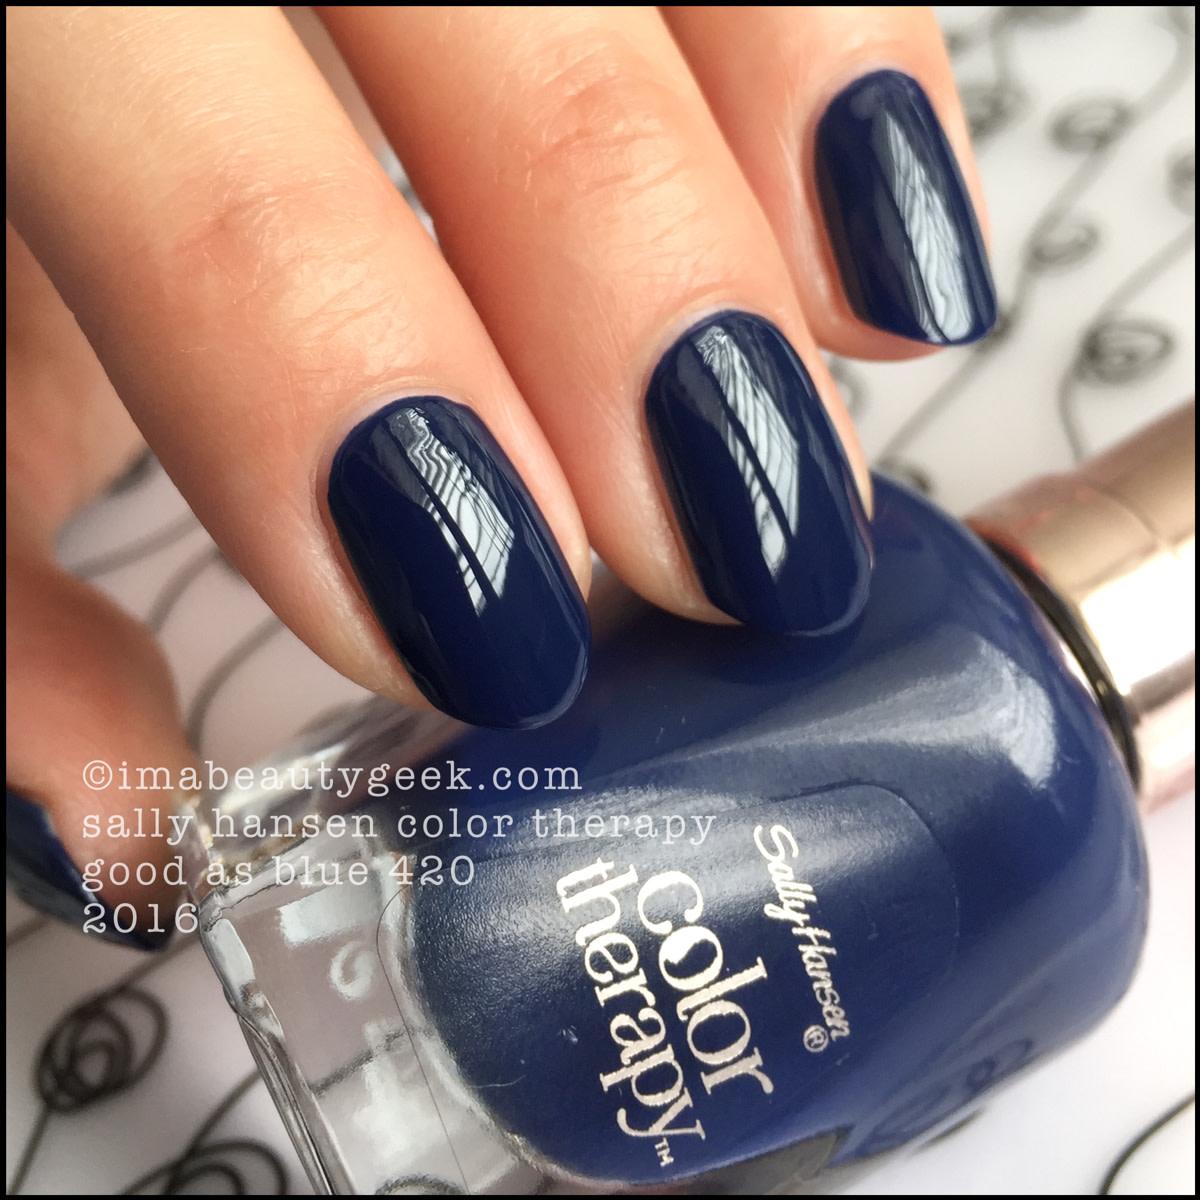 Sally Hansen Color Therapy Good as Blue 420_Sally Hansen Color Therapy Review Swatches